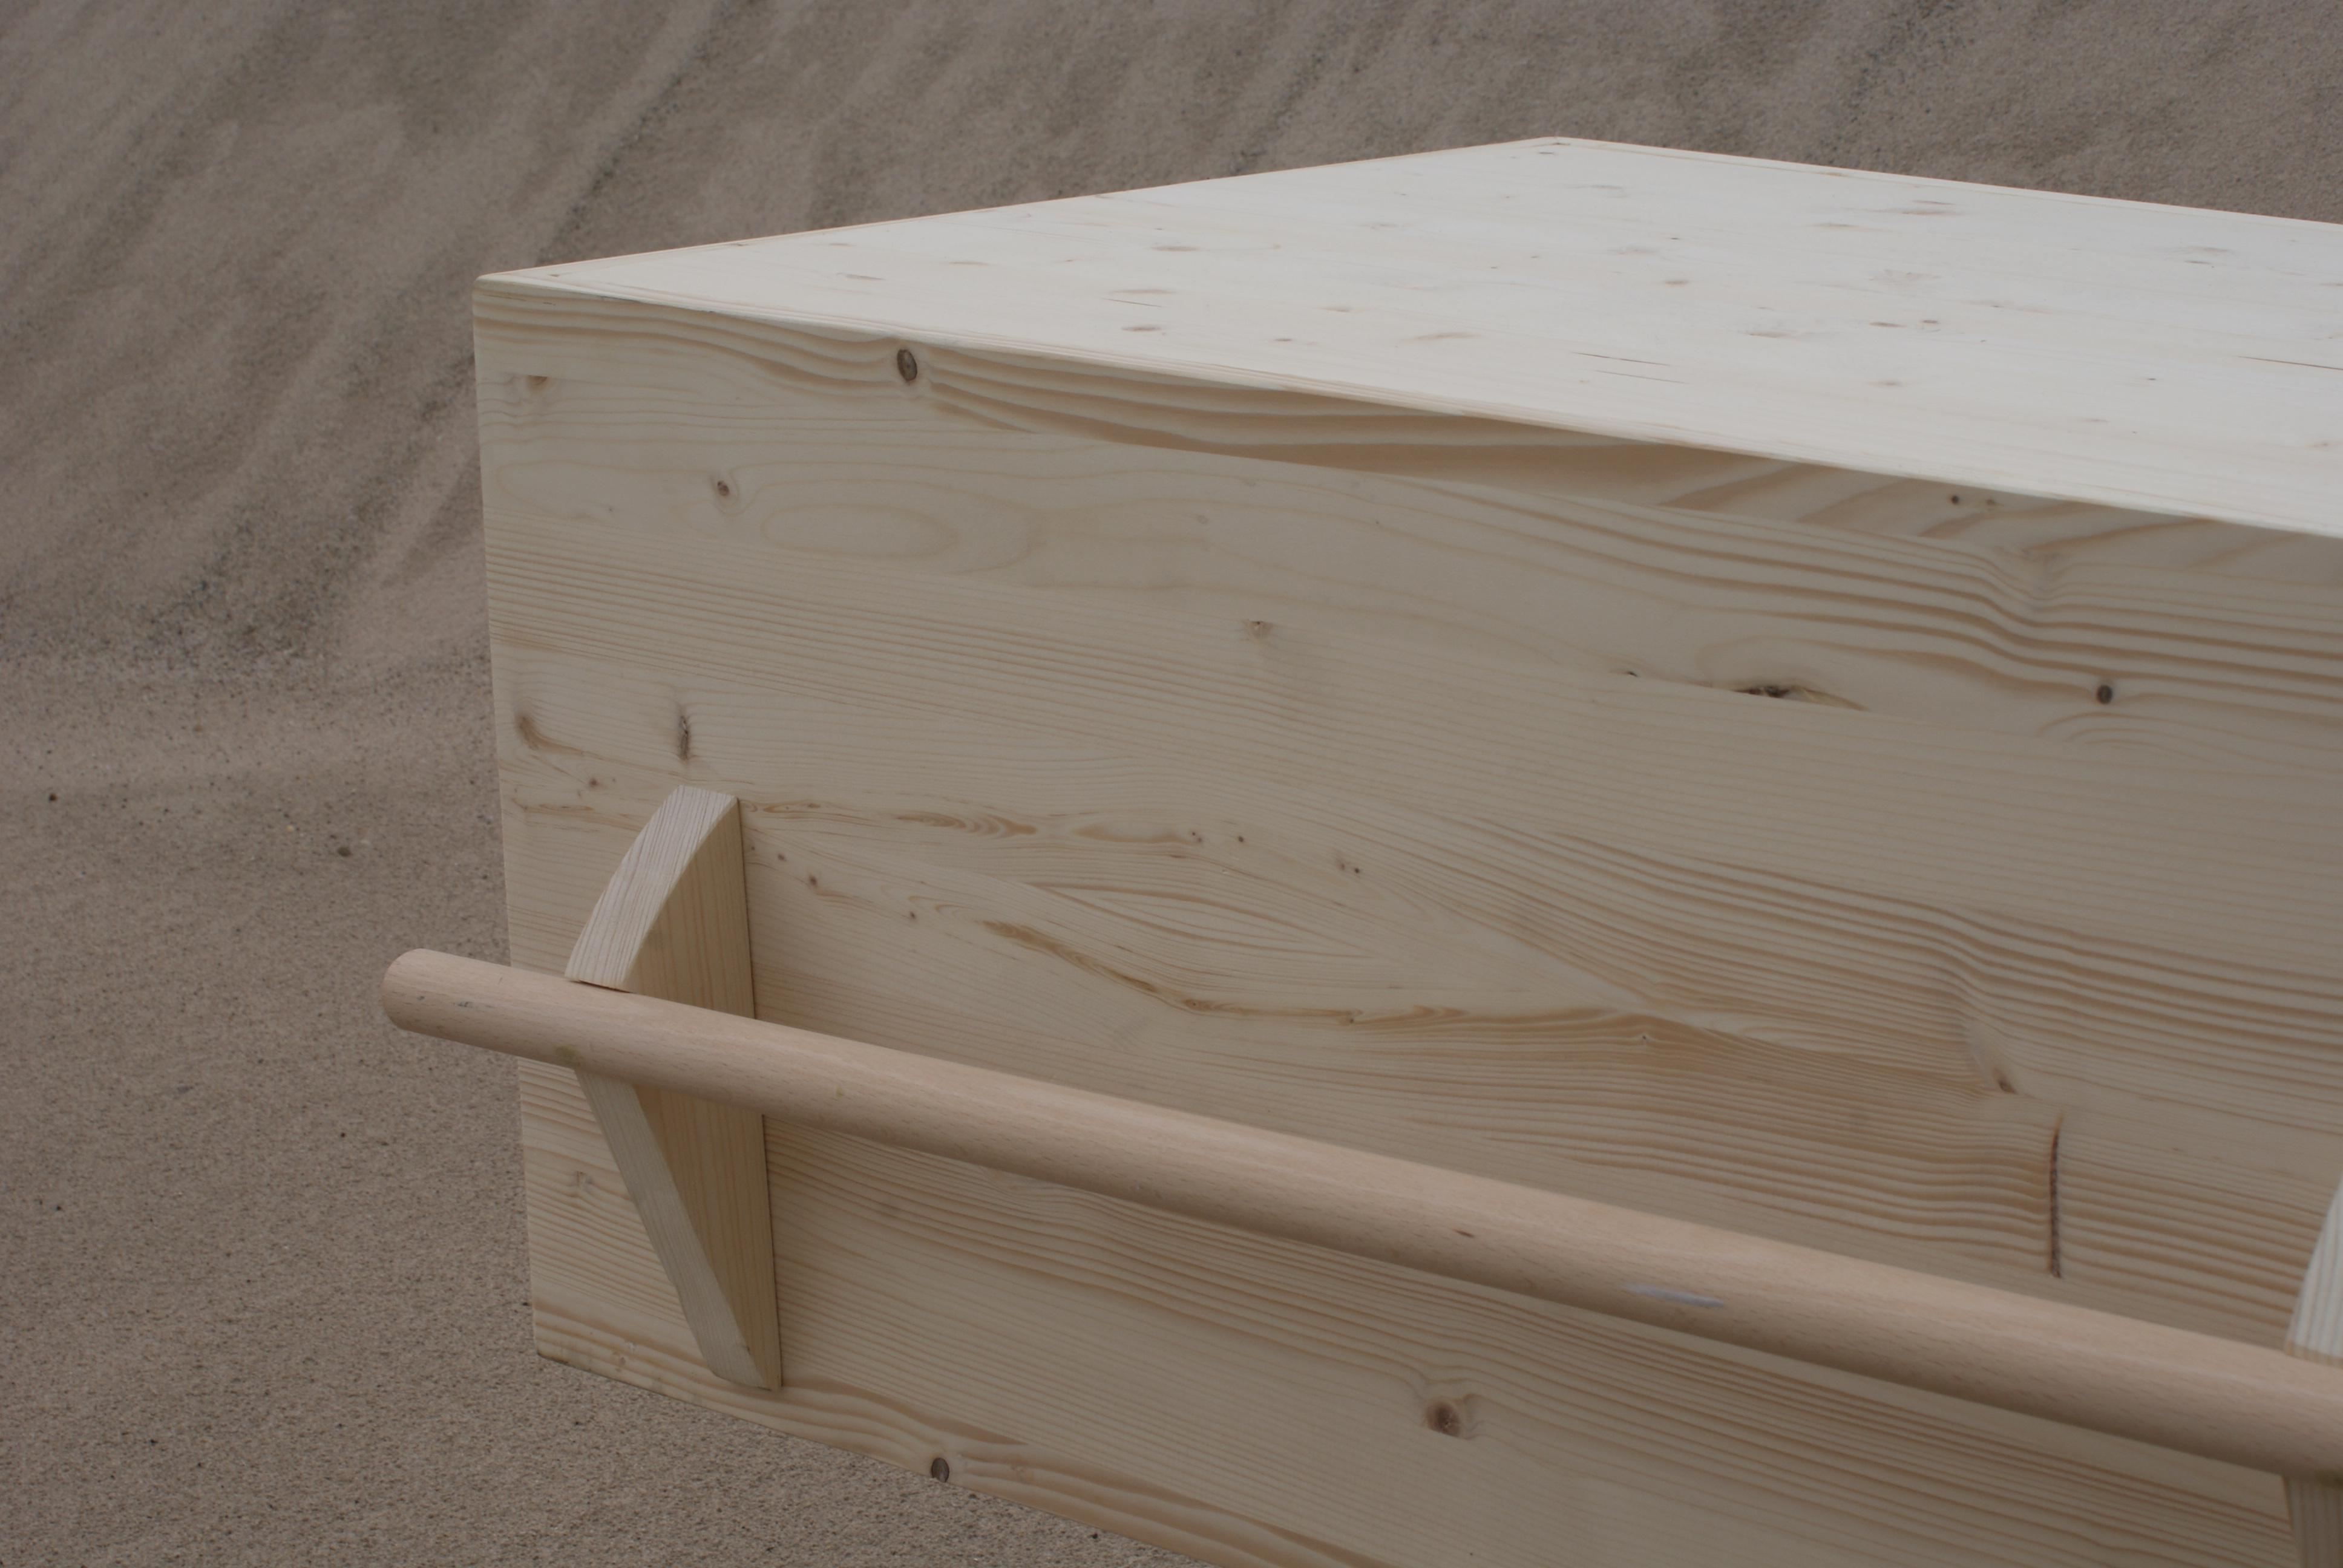 Kist stil detail handgreep - LUX atelier